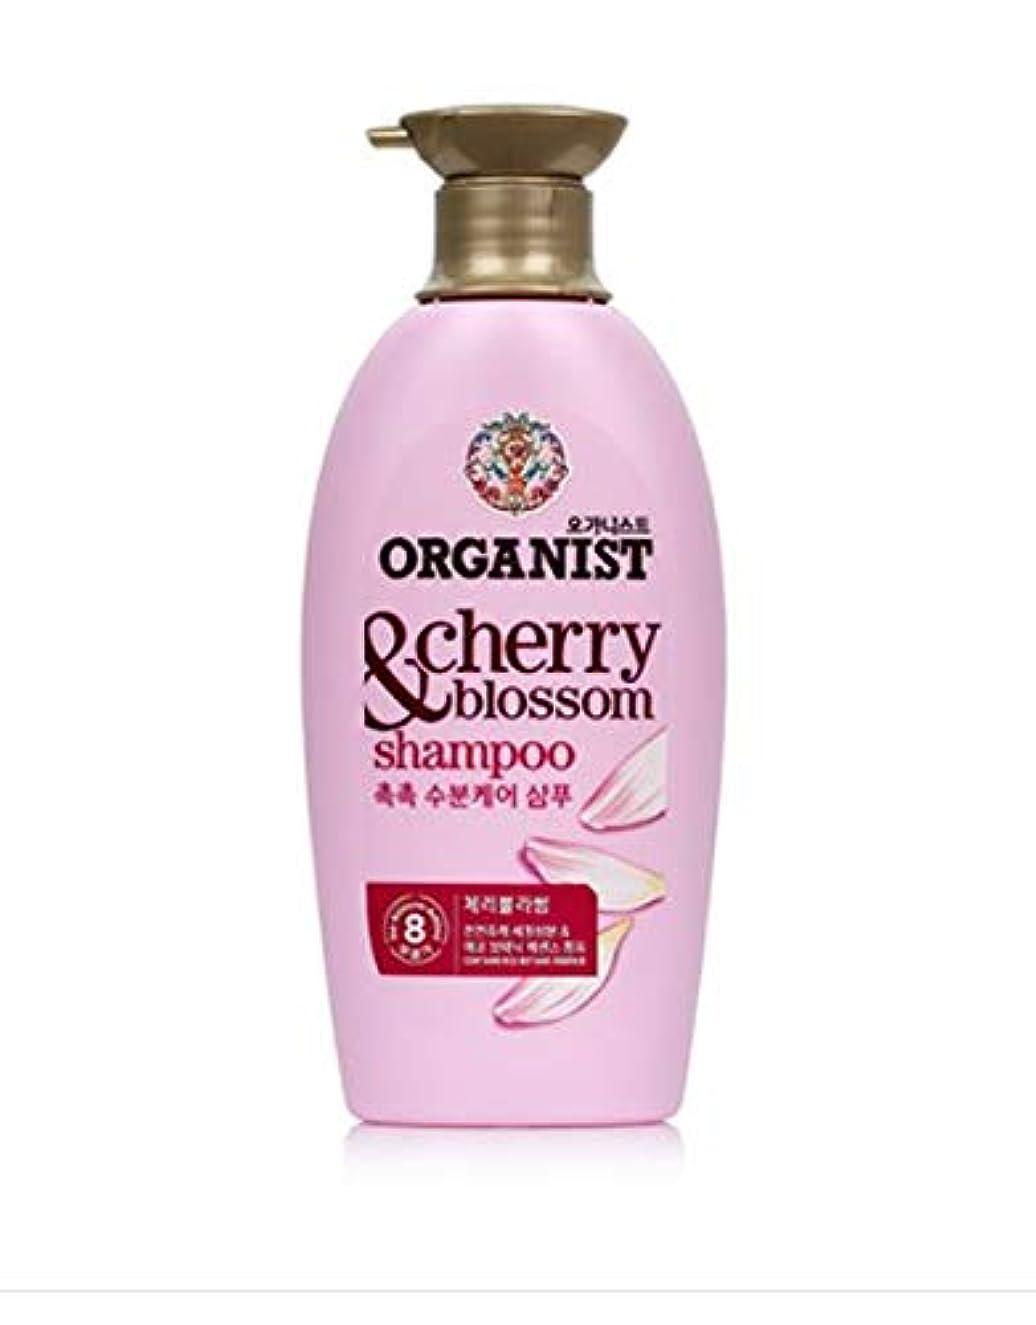 洗練乗算シリングオーガニスト (ORGANIST)チェリーブロッサムシャンプー500ml/ ORGANIST Cherry Blossom Hydrating Shampoo 500ml [並行輸入品]